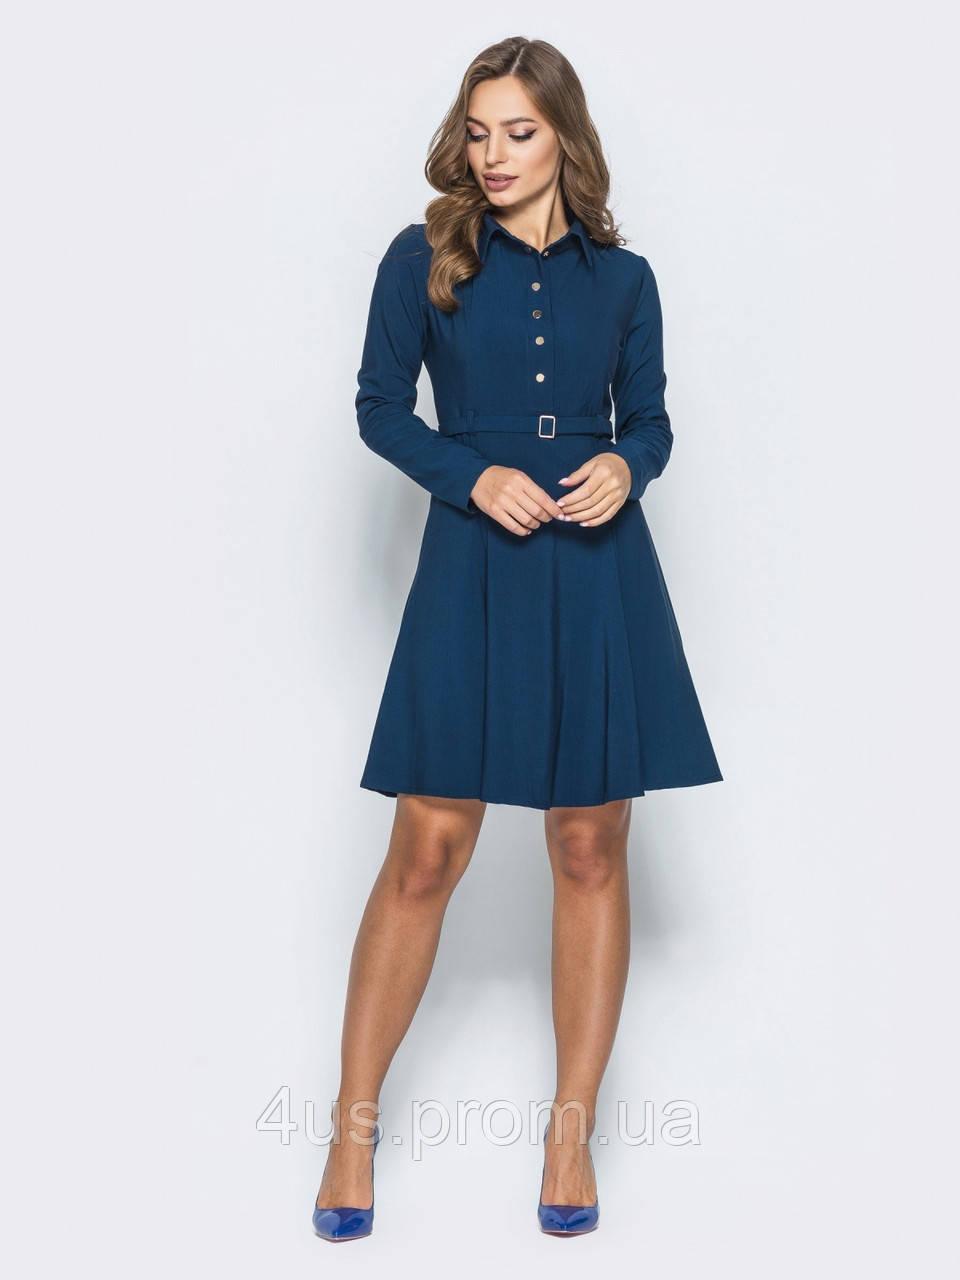 b18b0c44e54 ✉️Офисное платье с имитацией рубашки синее (с поясом